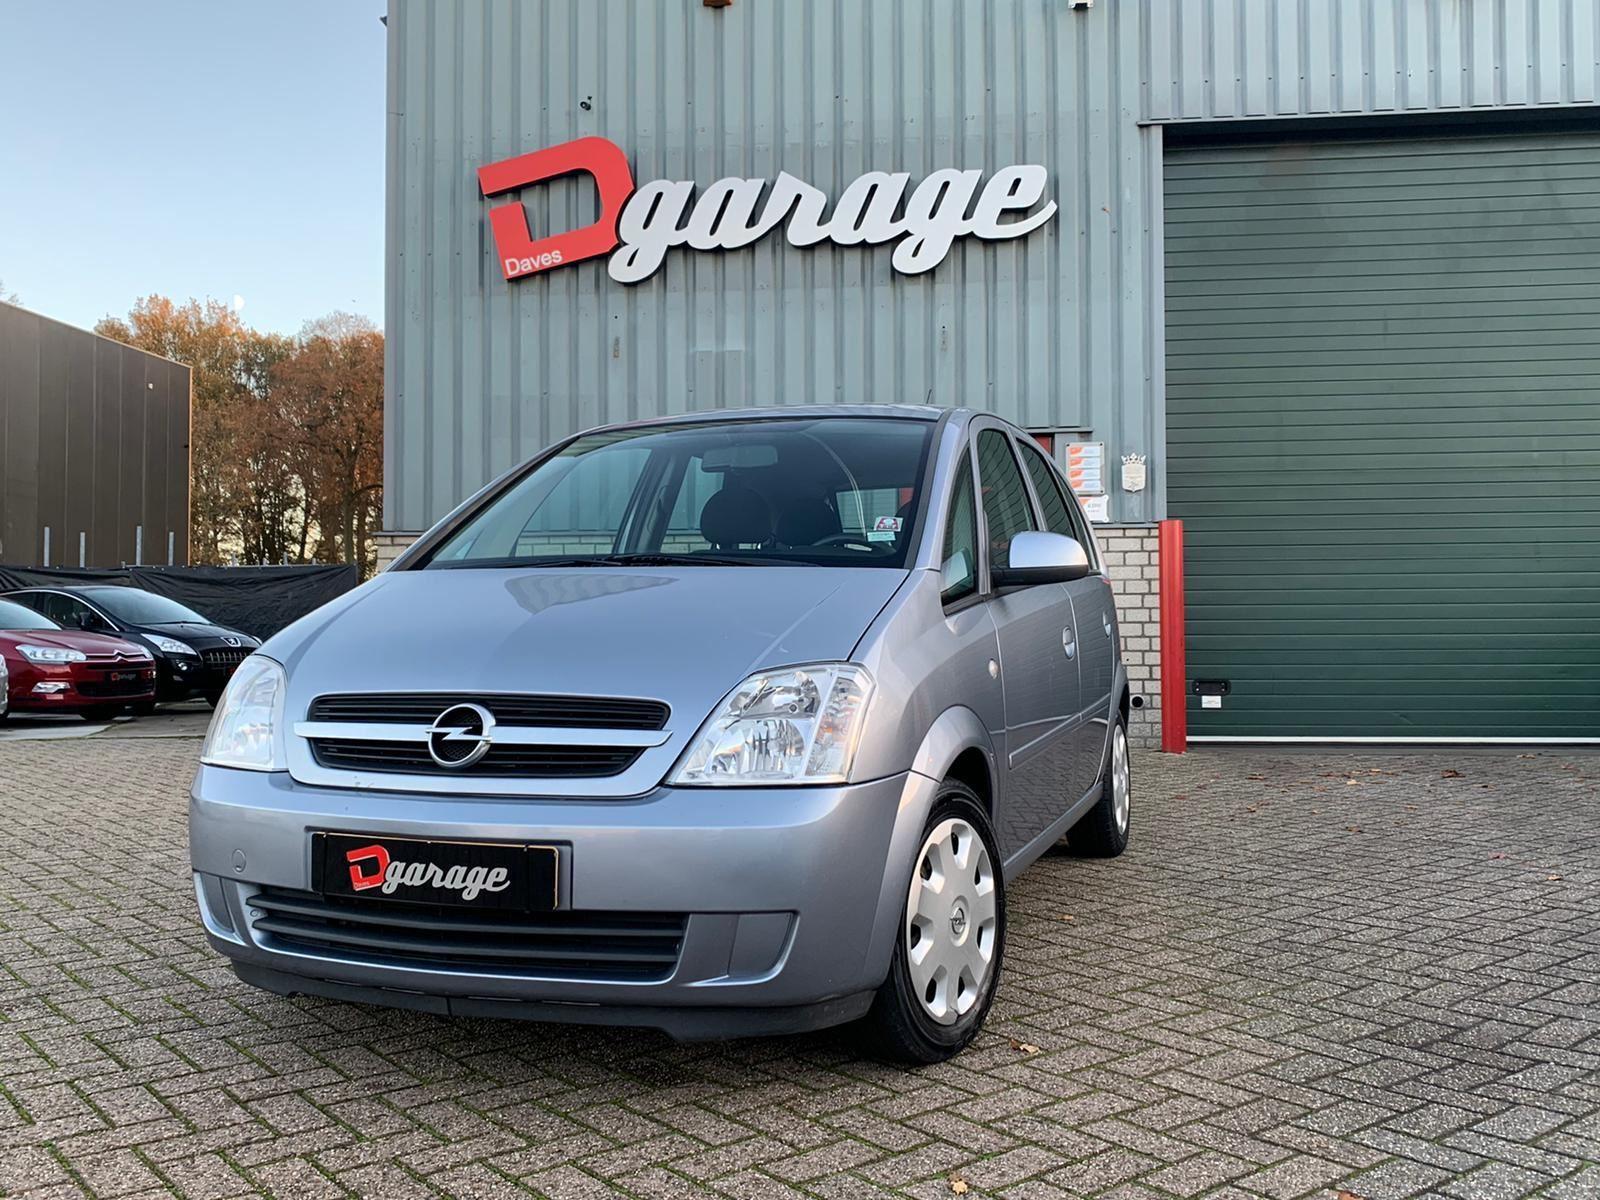 Opel Meriva occasion - Dave's Garage